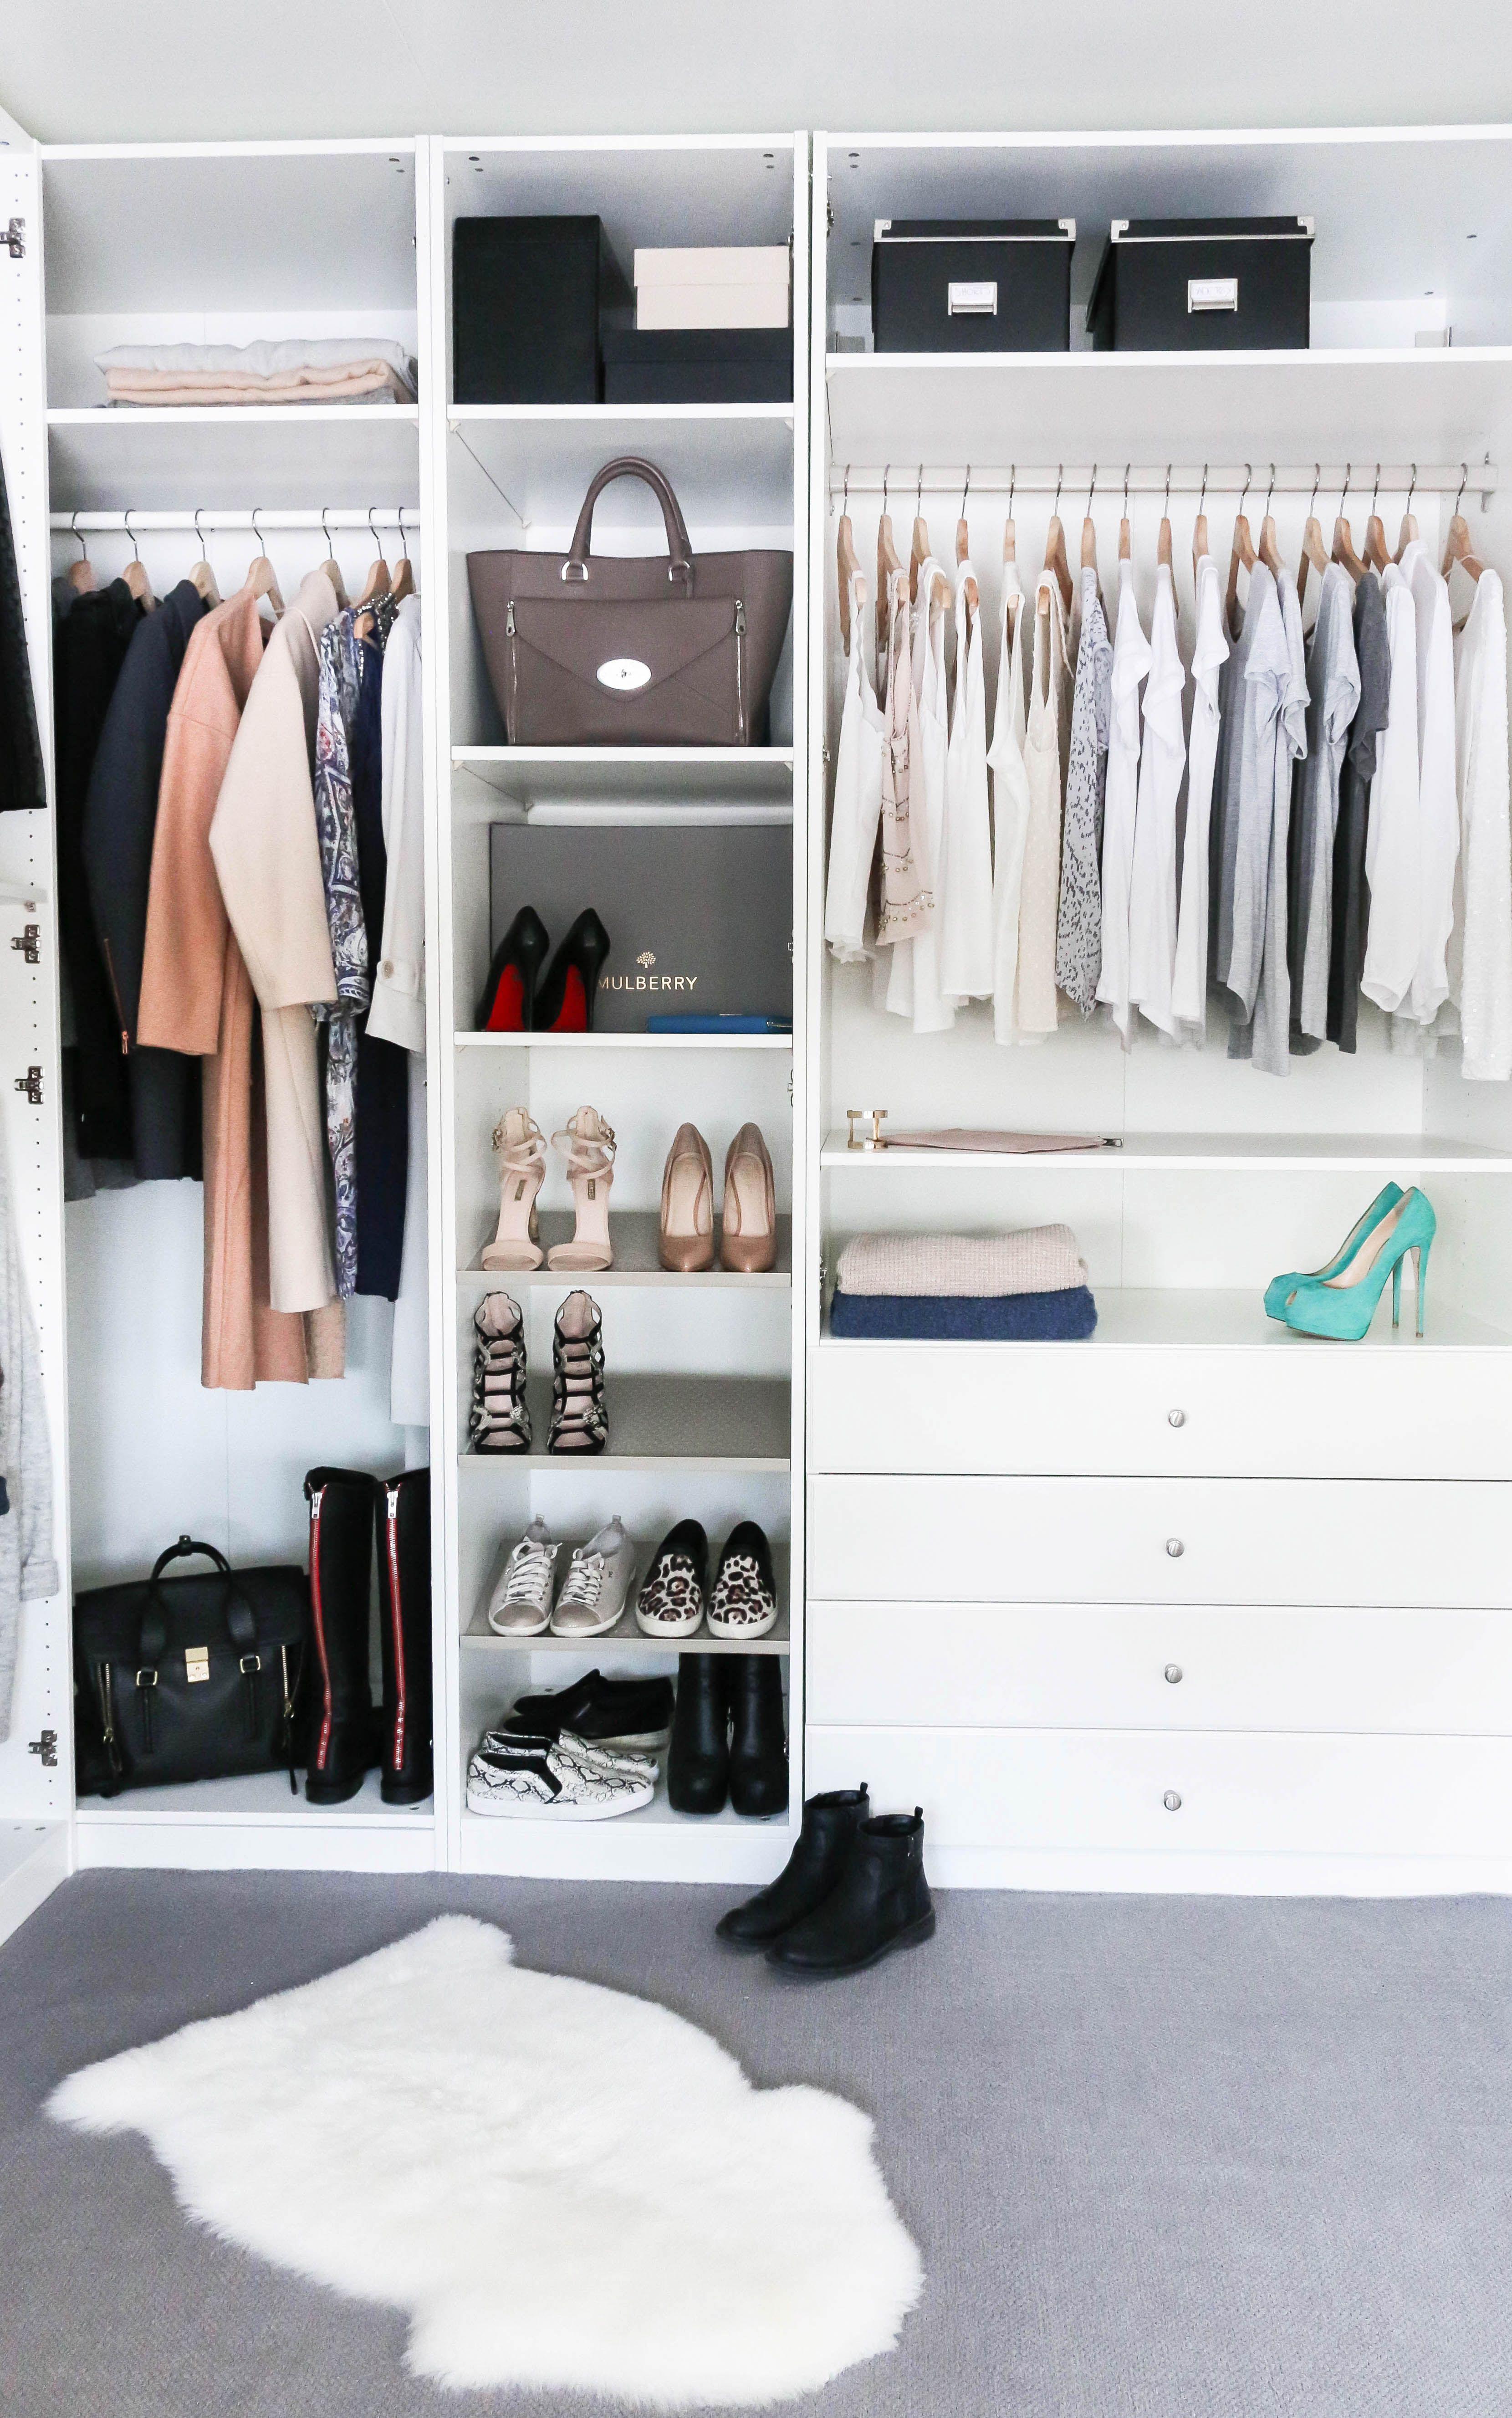 Master bedroom door design   Walk in Closet Ideas and Organizer Design For Your Room